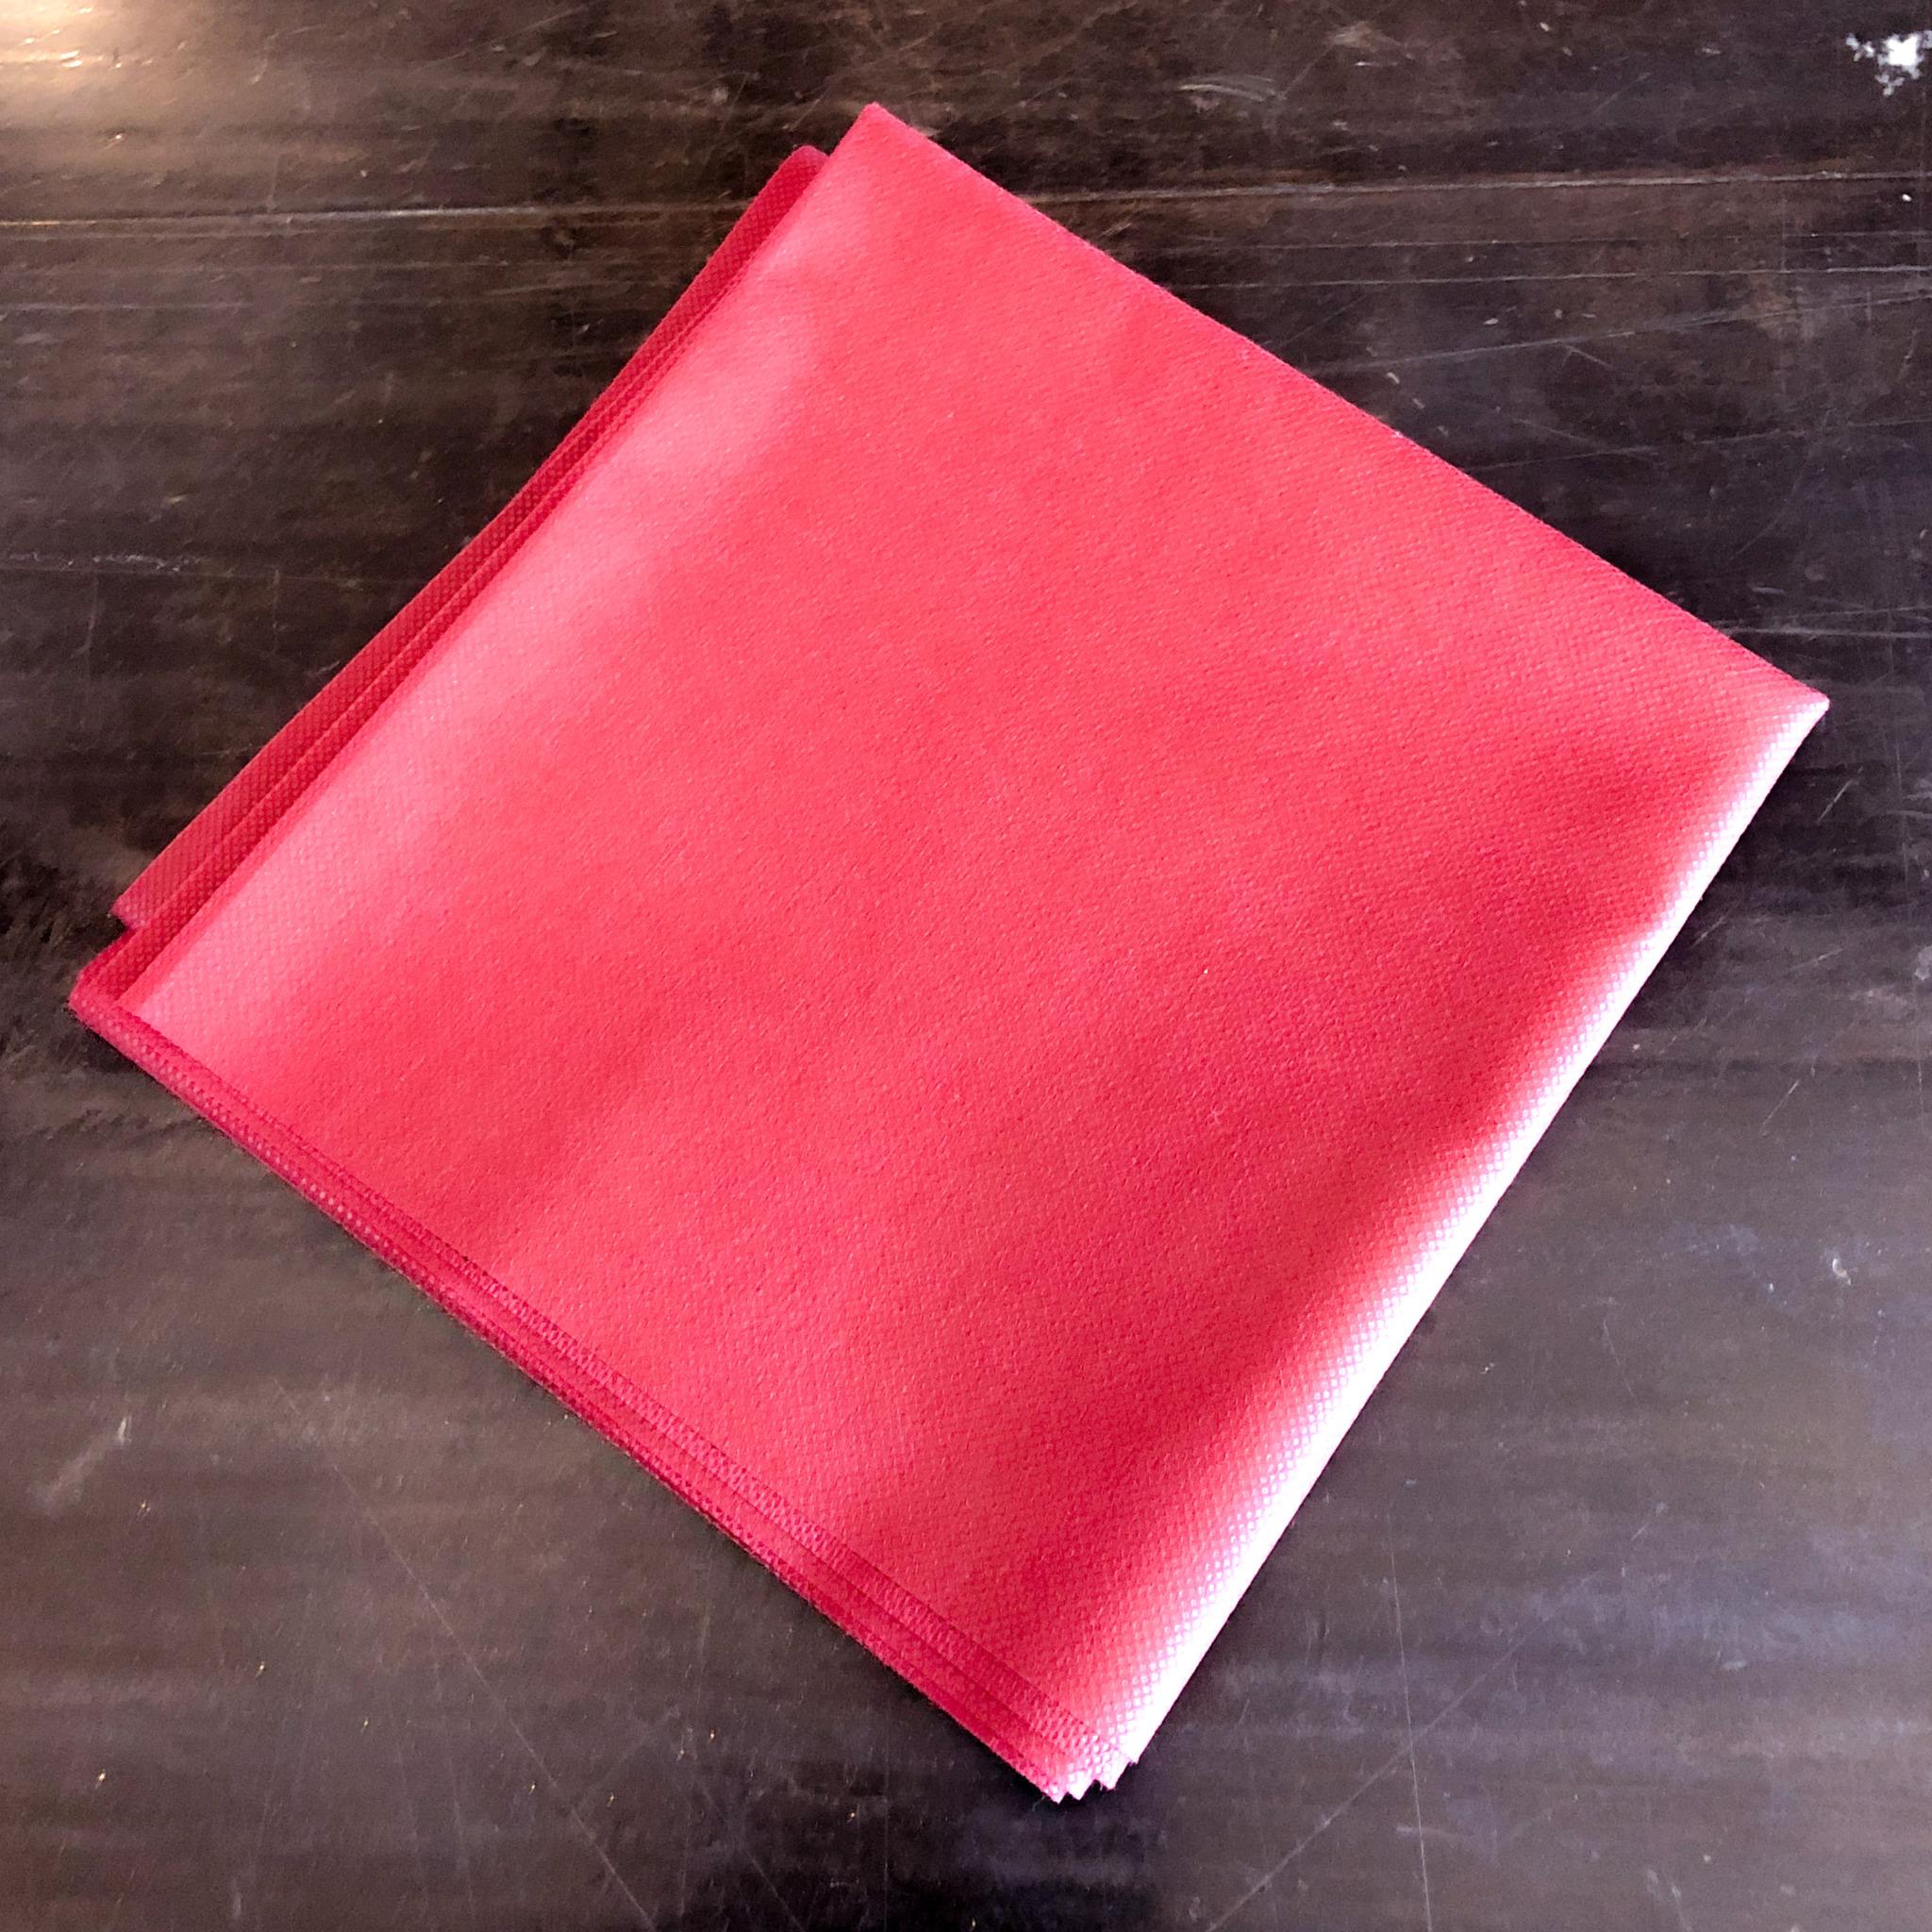 <p>テーブルクロス ワインレッド 使い捨て用です。<br /> サイズ 100cm × 100cm<br /> 素材 ポリプロレイン<br /> 撥水加工がされているため、複数回ご利用可能です。<br /> ※若干透け感がございます。</p>